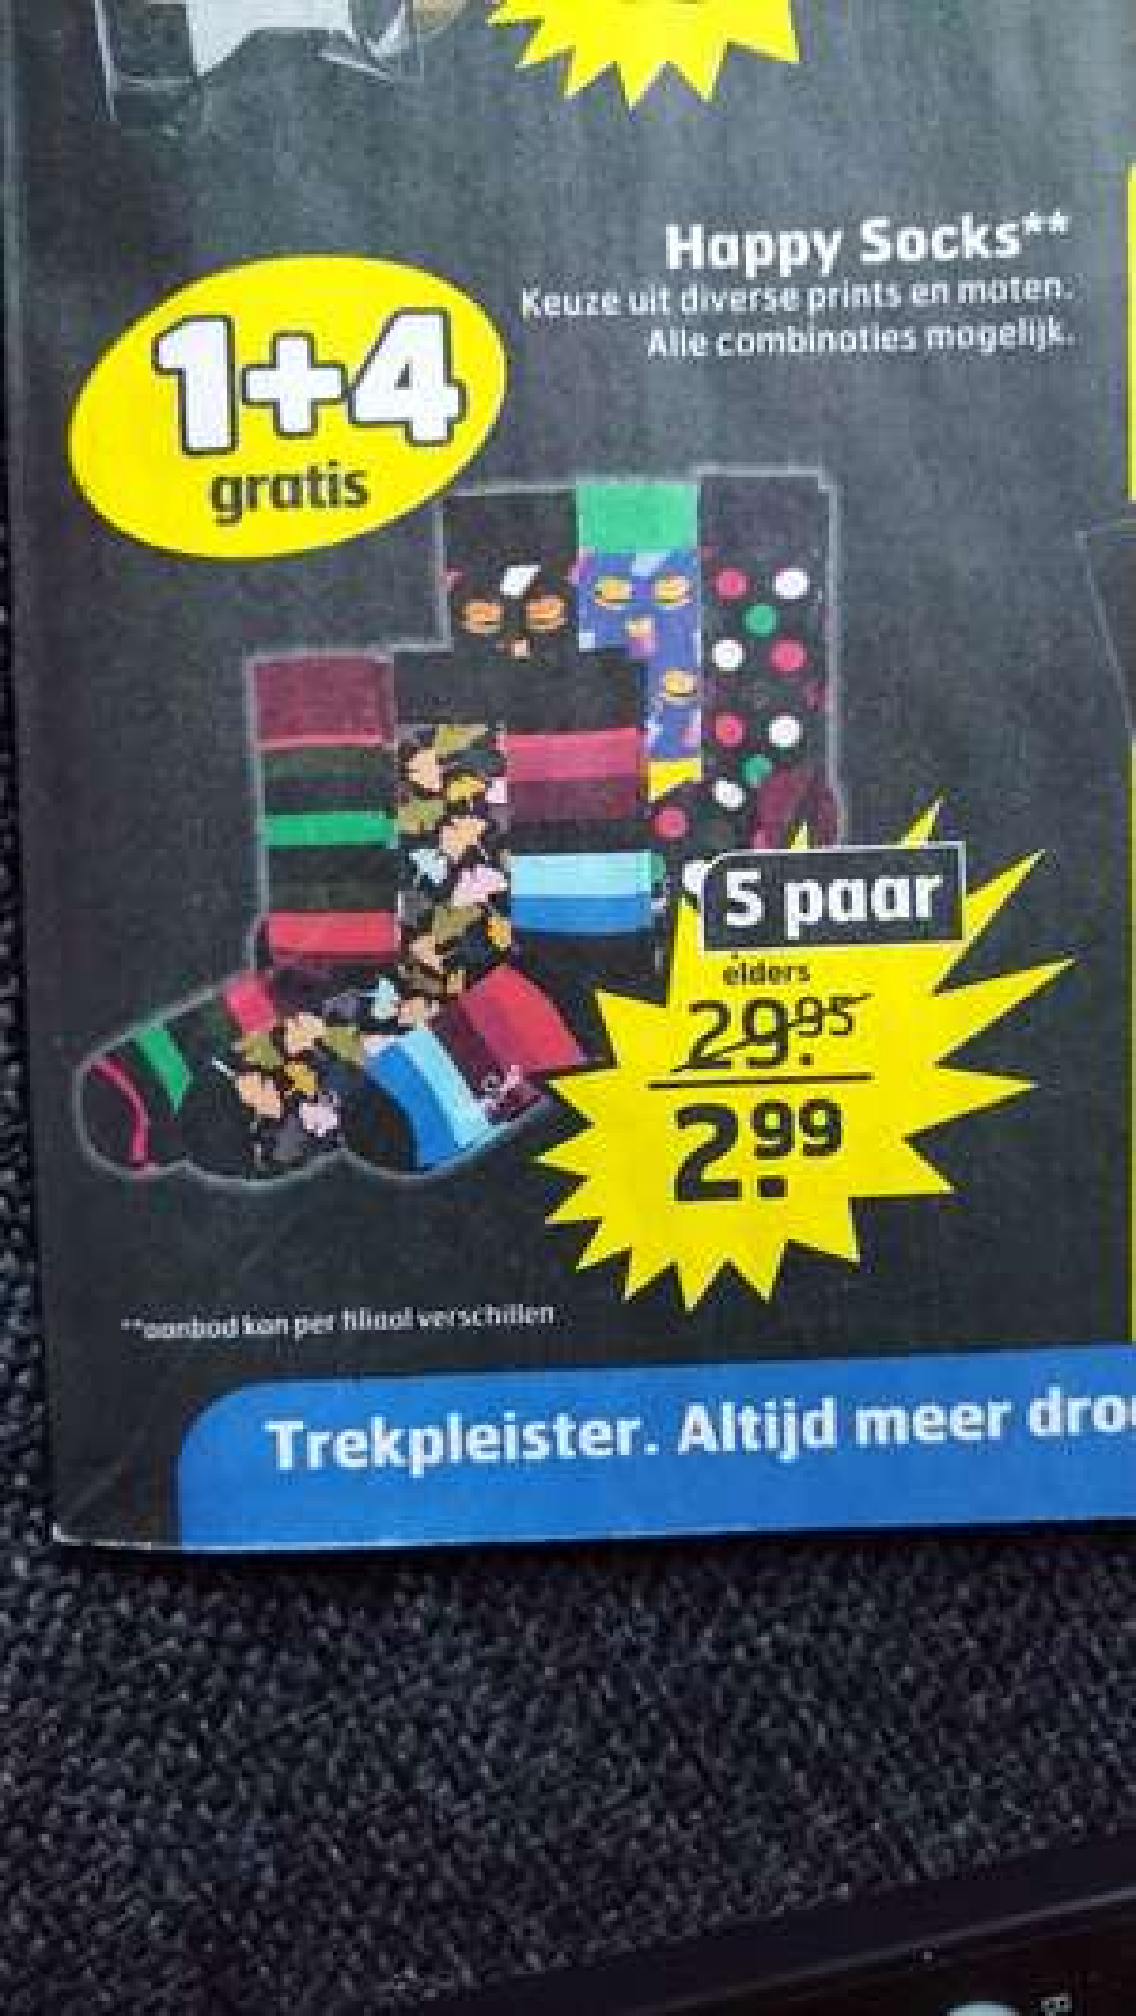 Happy socks 5 paar voor €2,99 @trekpleister